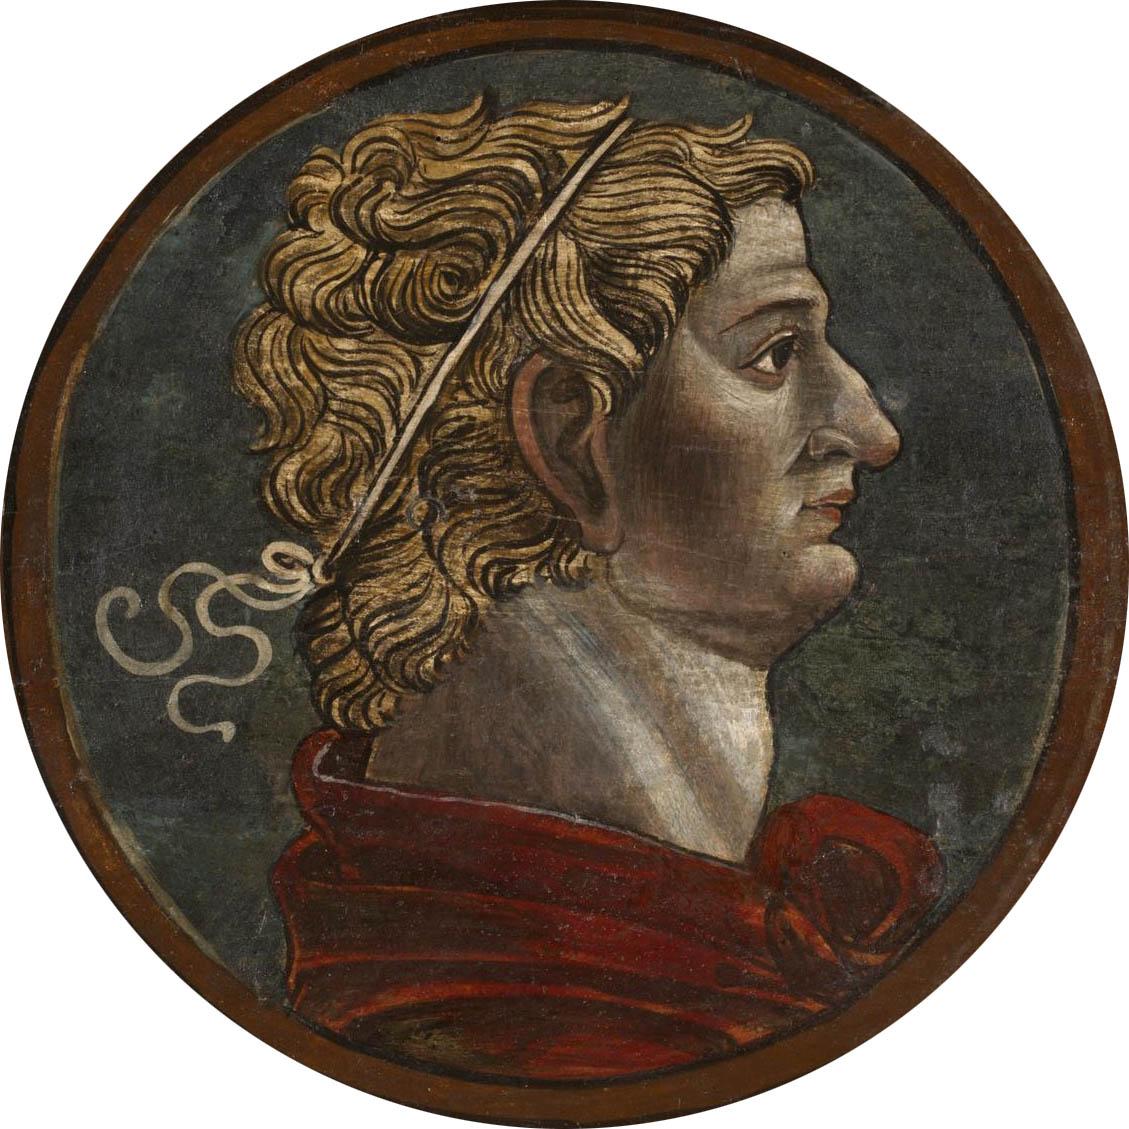 Автор неизвестен Ломбардия  Античный портрет мужчины 7 викт и альб мал.jpg